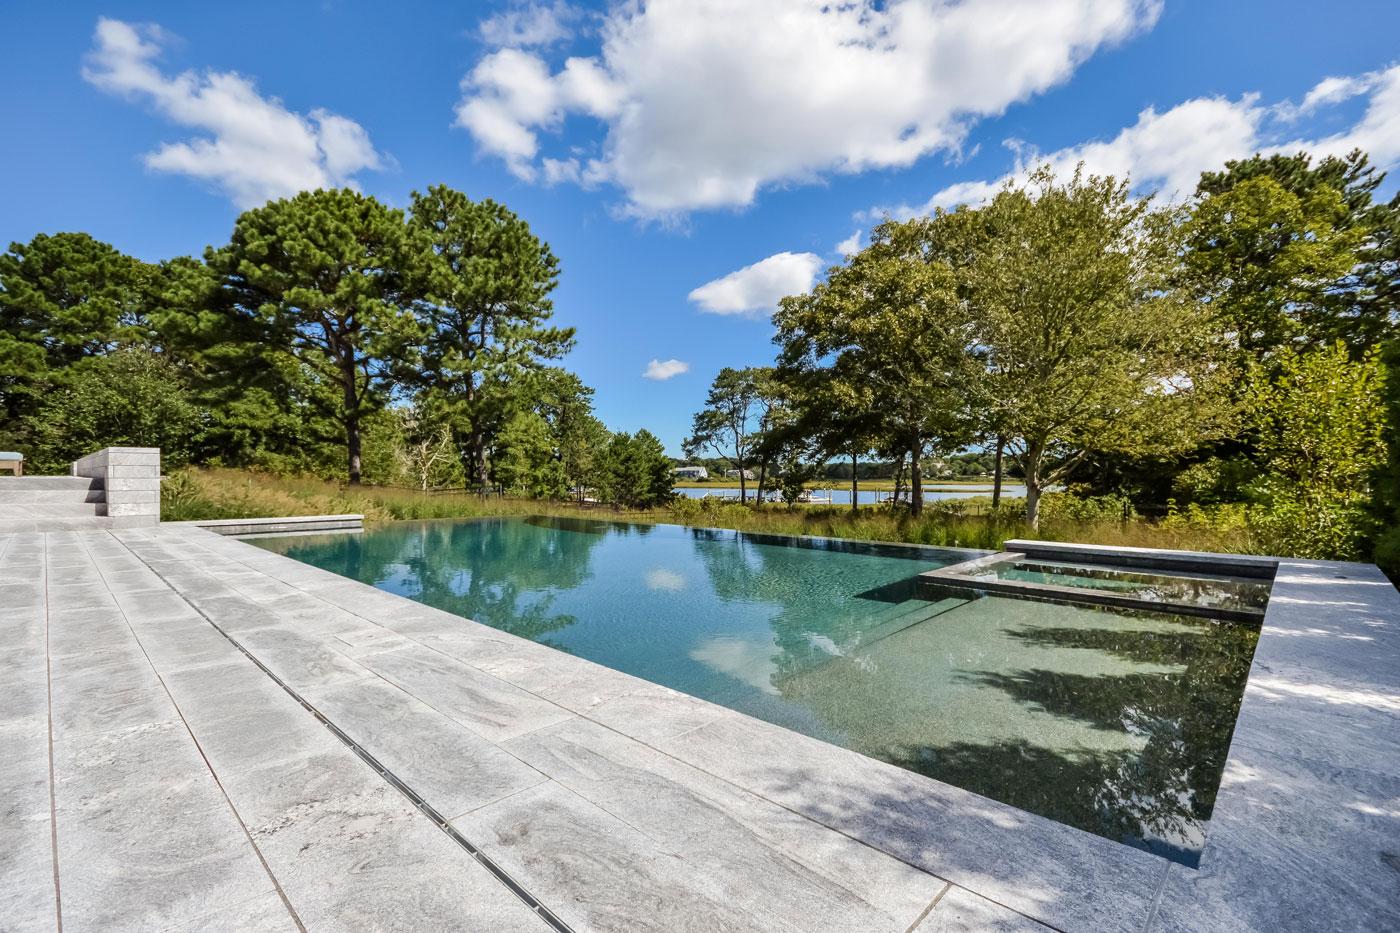 High-end pool design by Bernice Wahler Landscapes